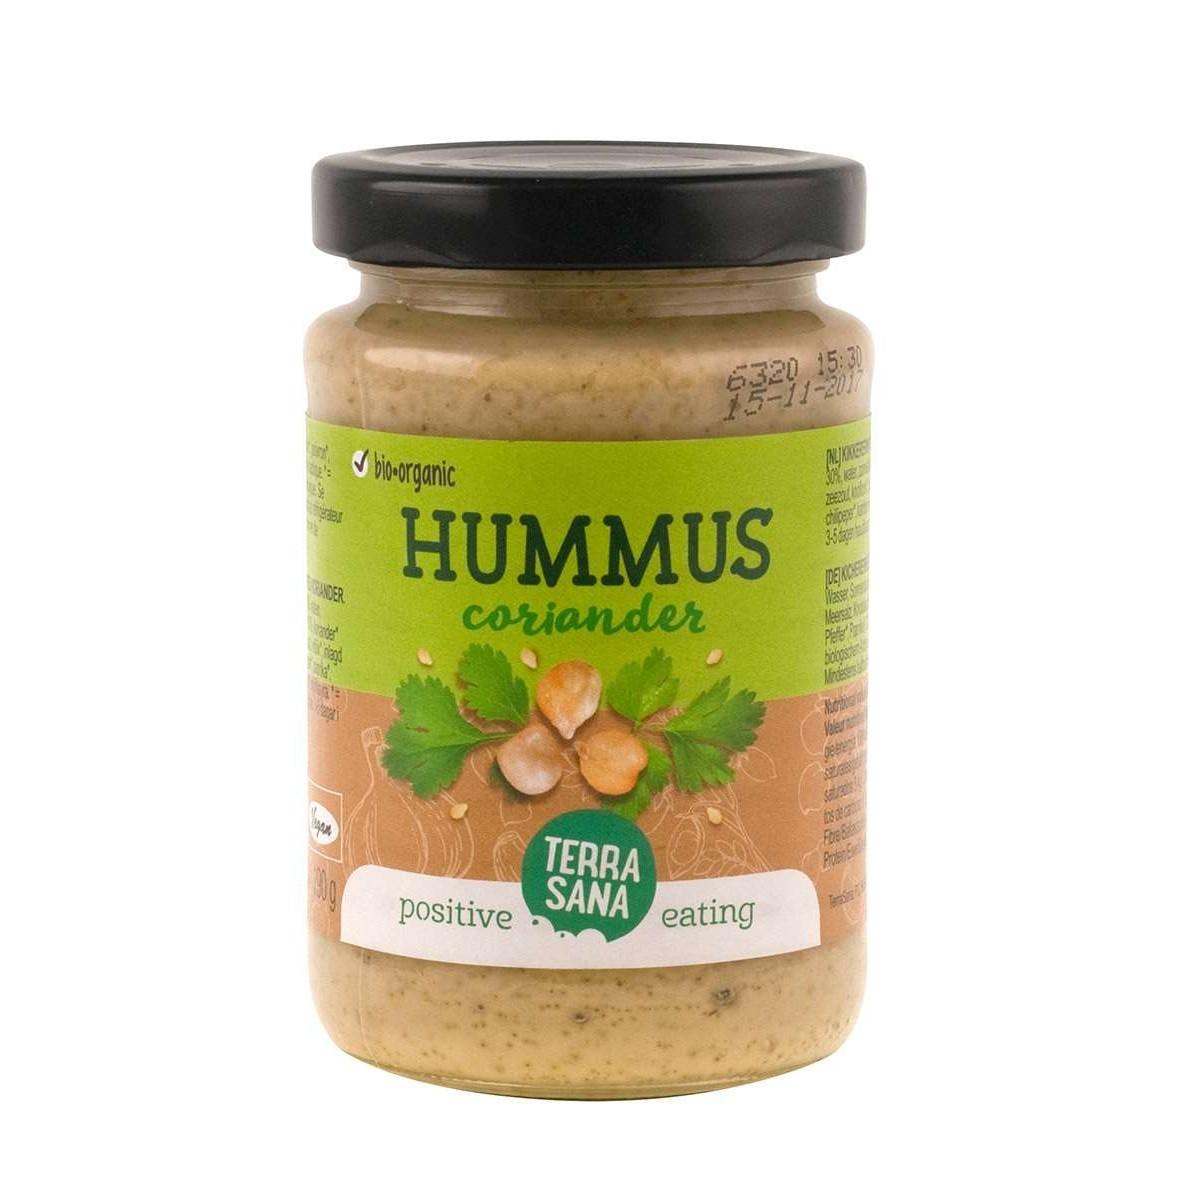 Hummus Koriander